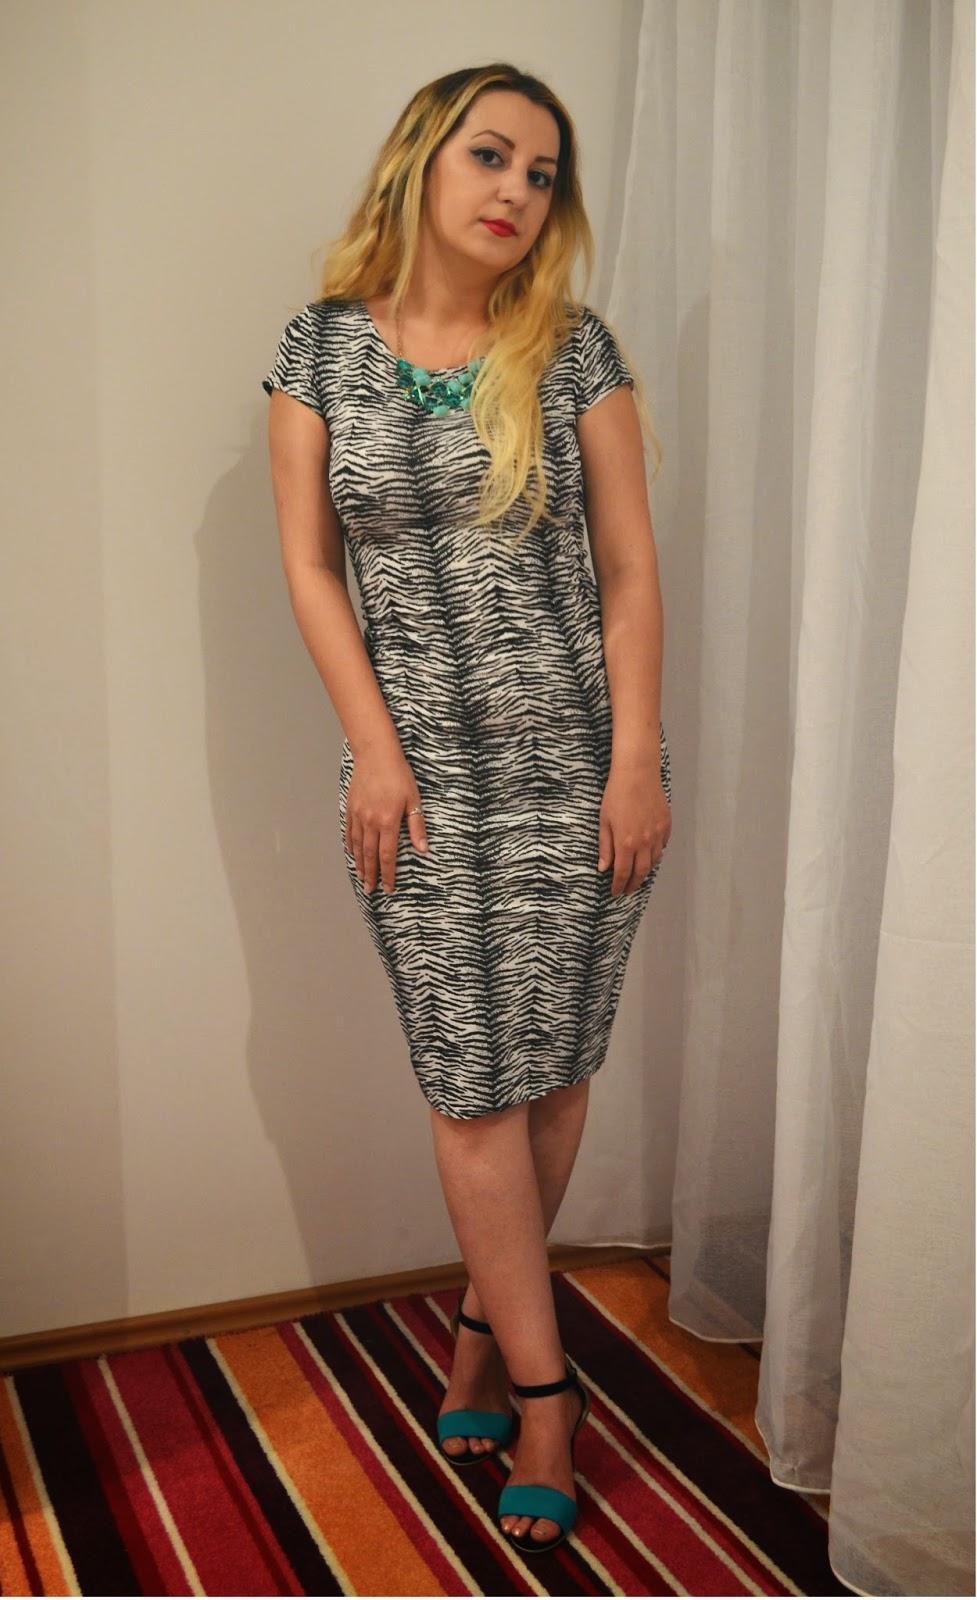 Kaiyo Aino Blog: OOTD: Day to Night Dress